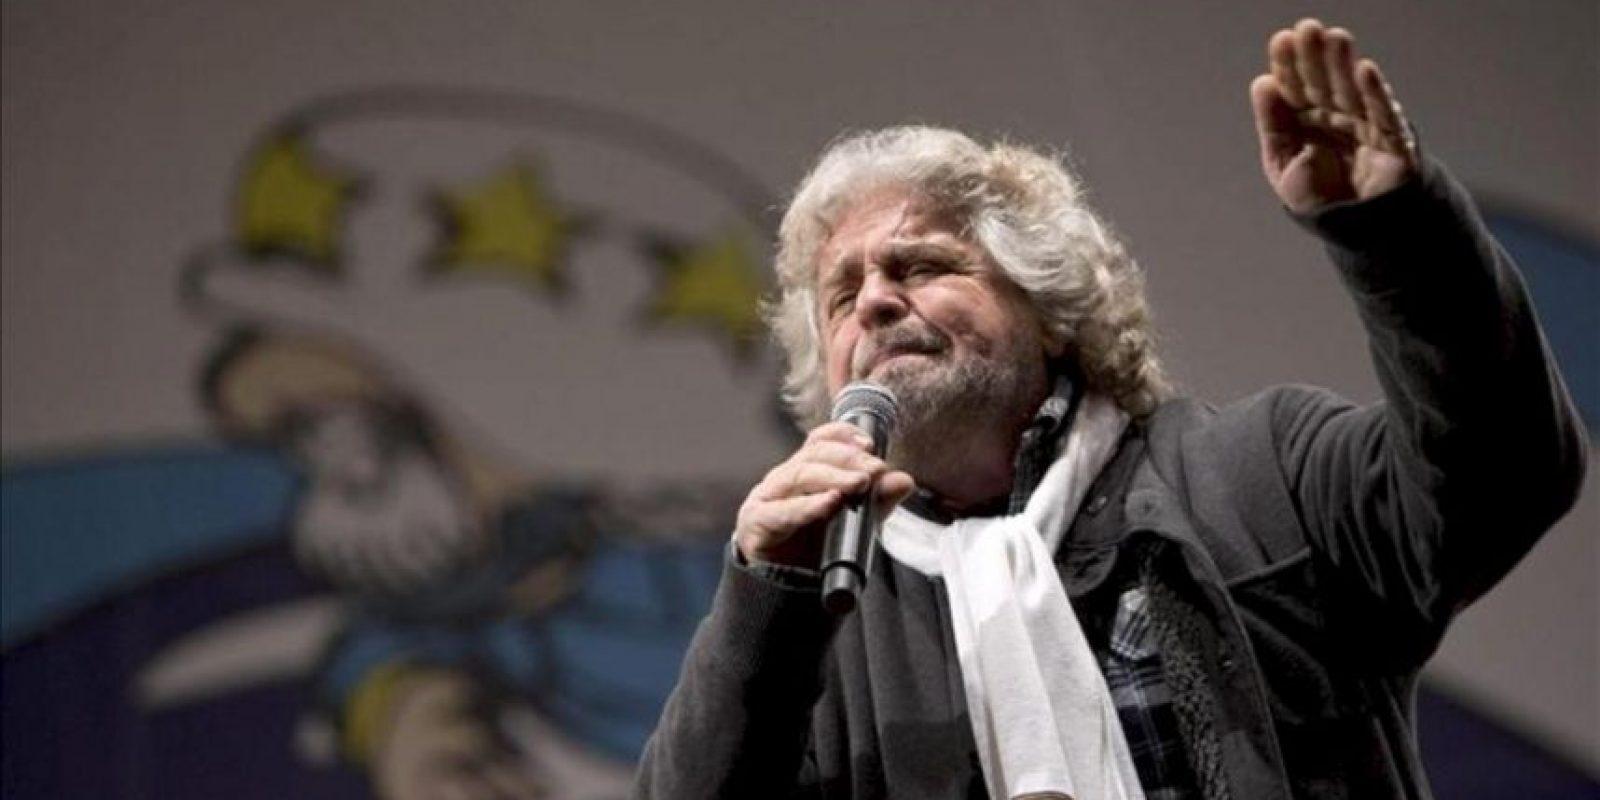 El cómico Beppe Grillo. EFE